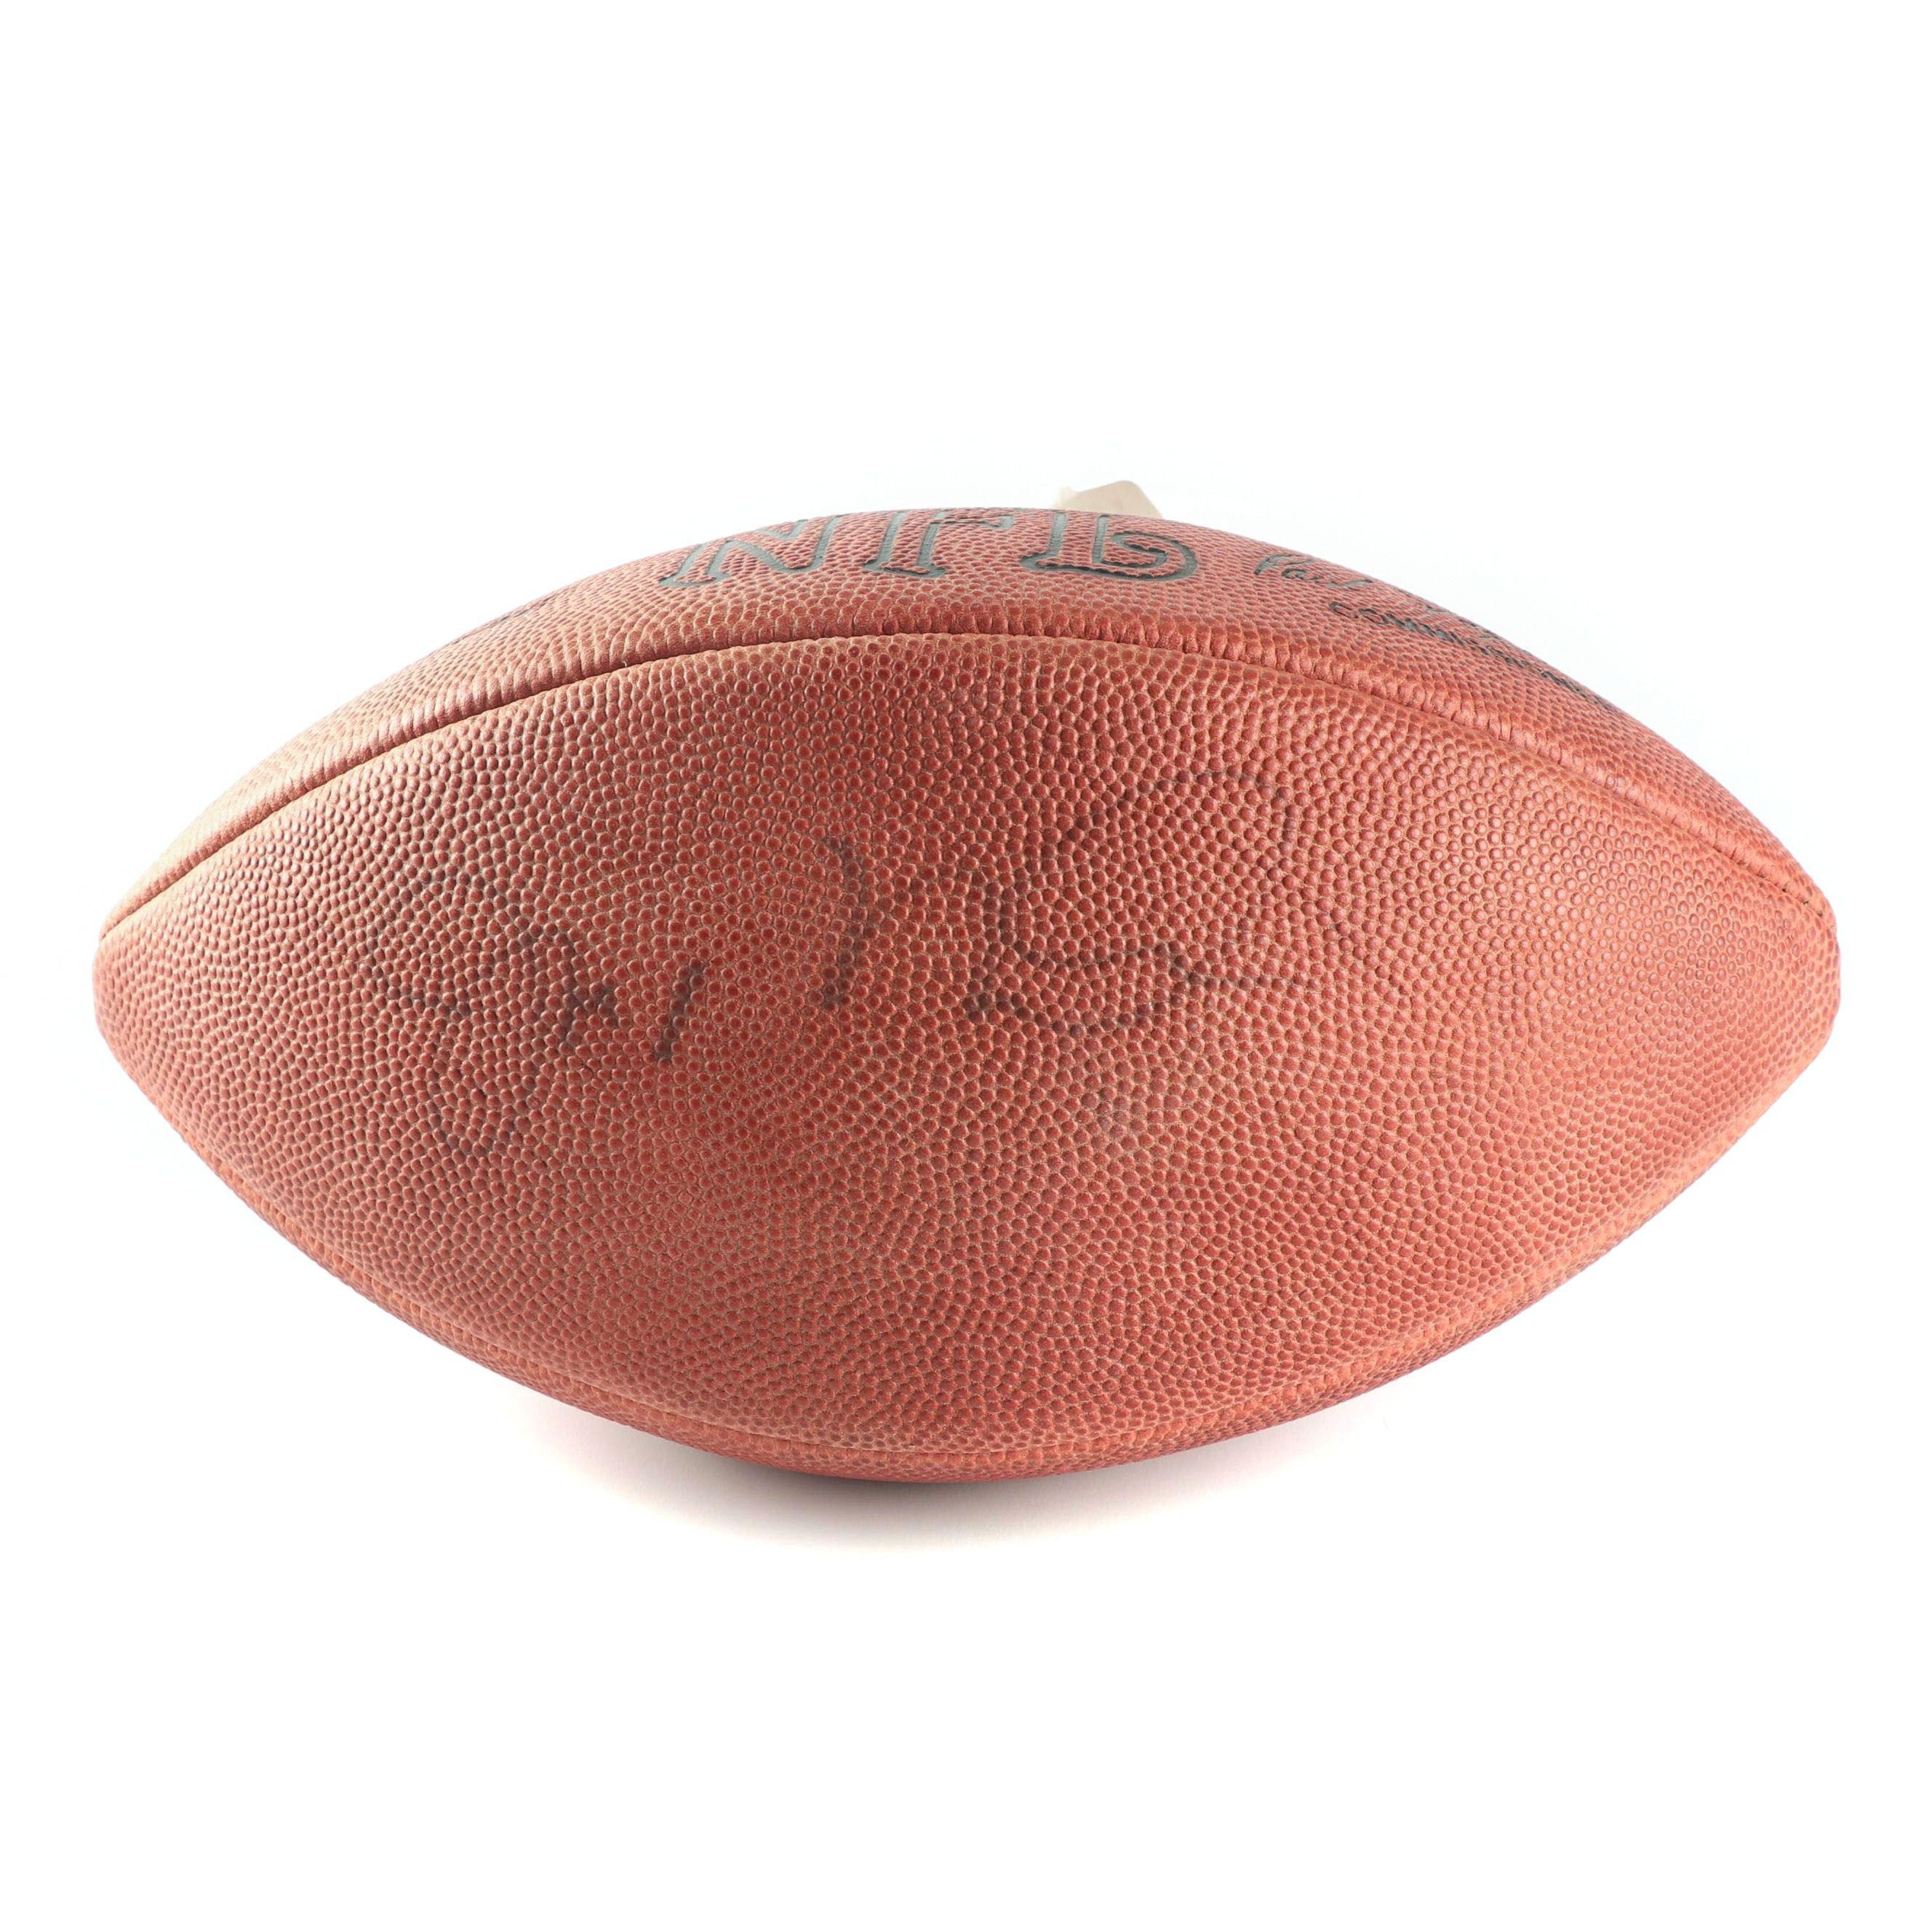 Joe Montana Autographed Official NFL Leather Football